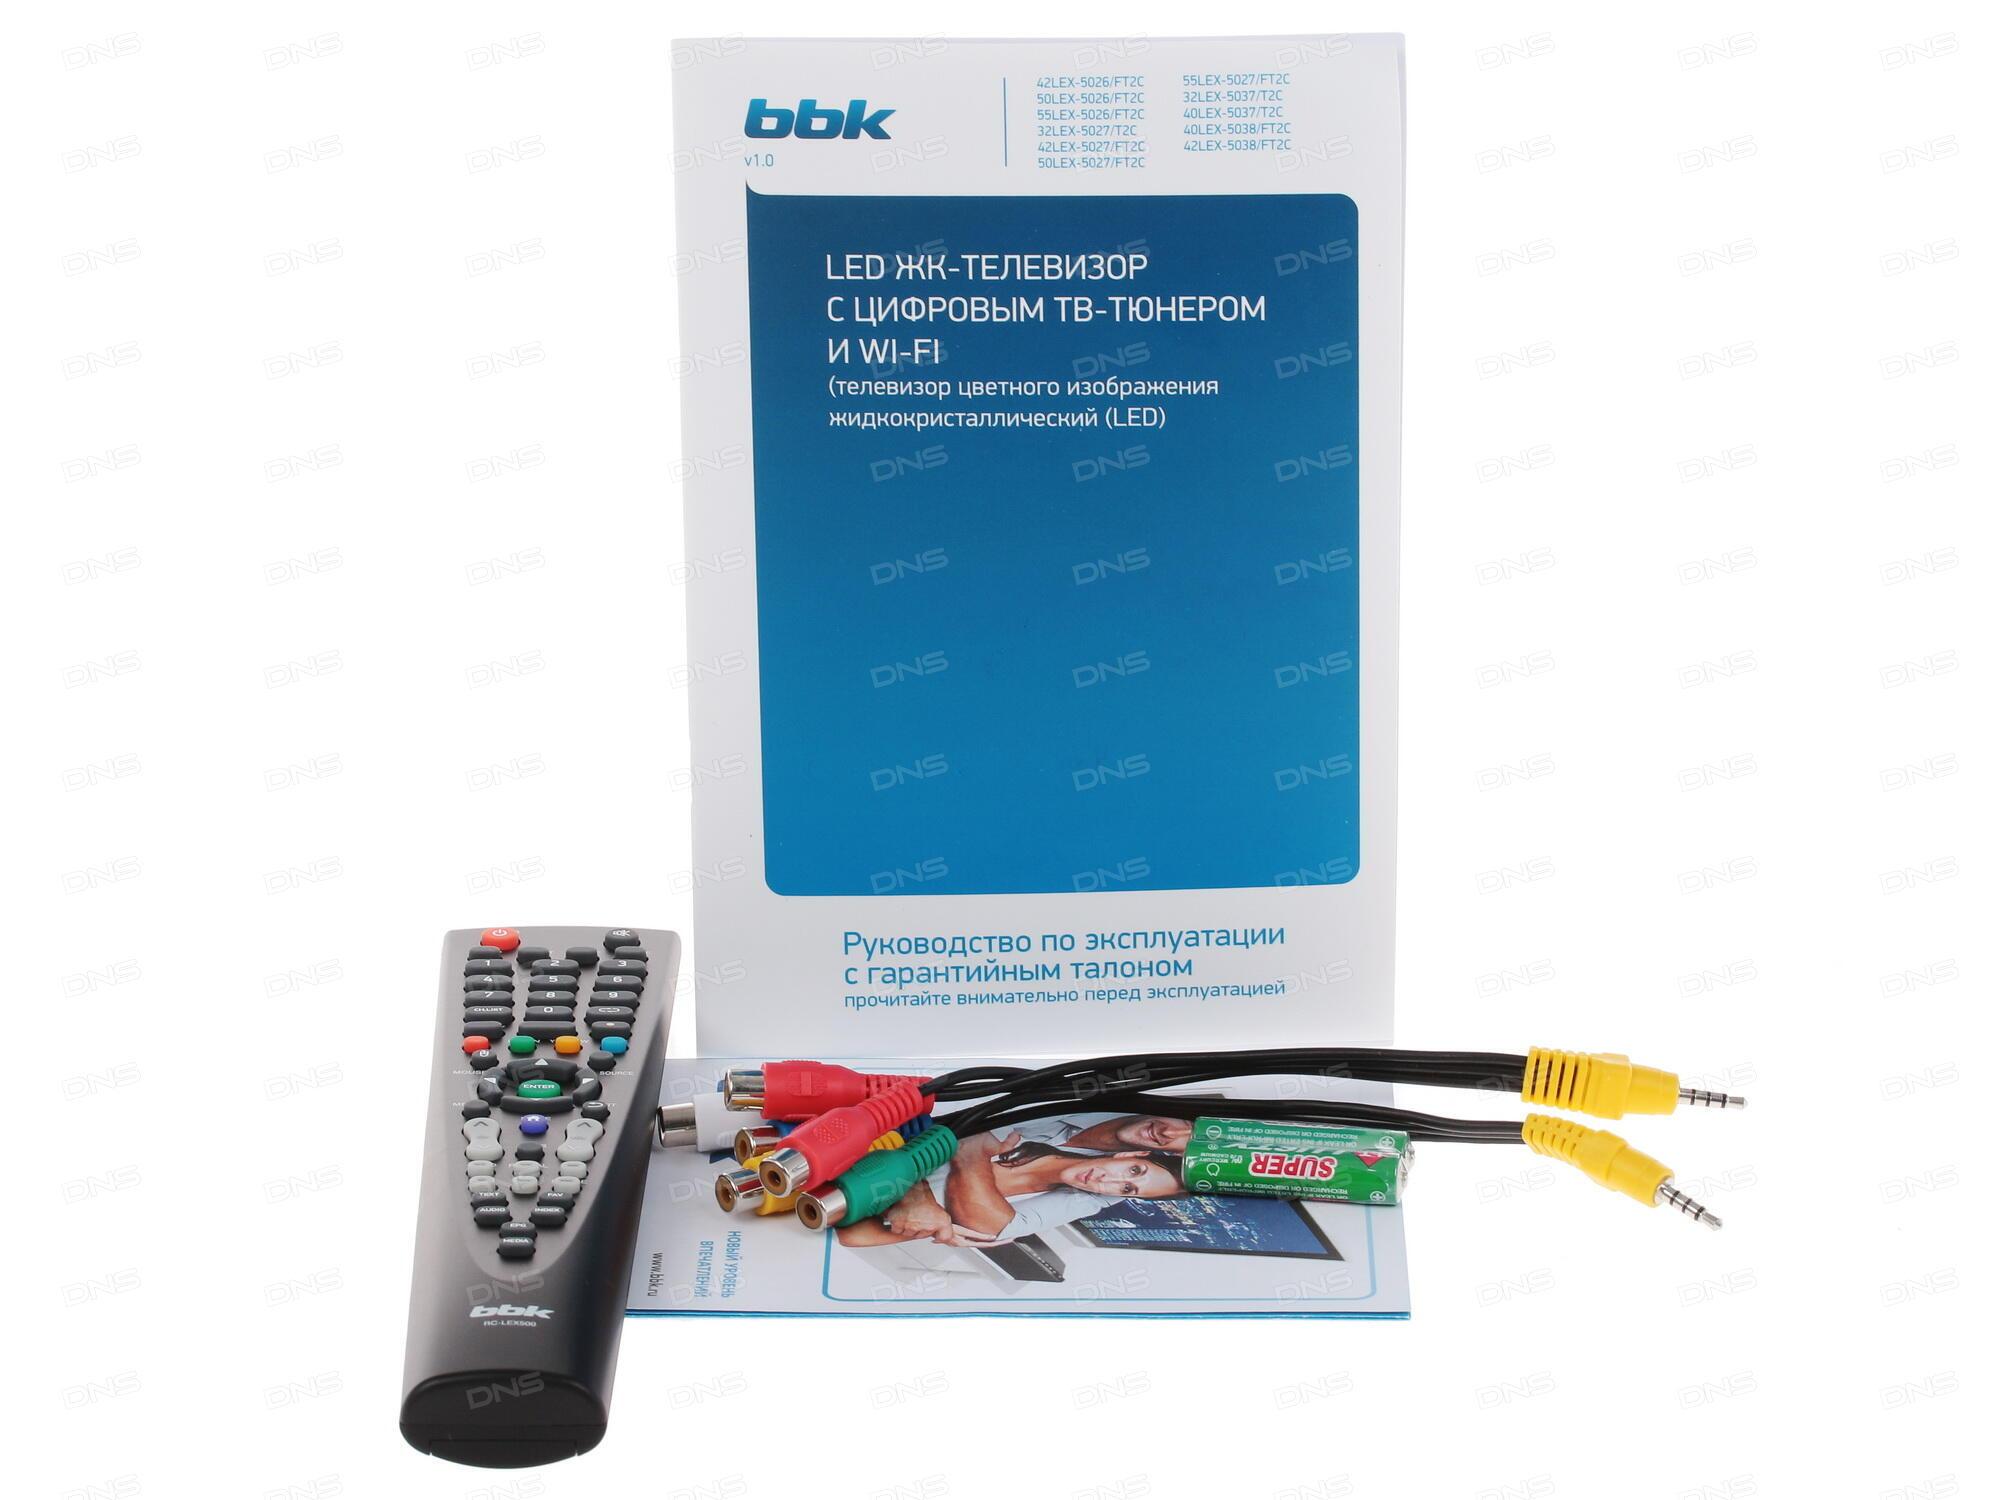 """Технические характеристики 42"""" (106 см) LED-телевизор BBK 42LEX-5026/FT2C черный. Интернет-магазин DNS"""